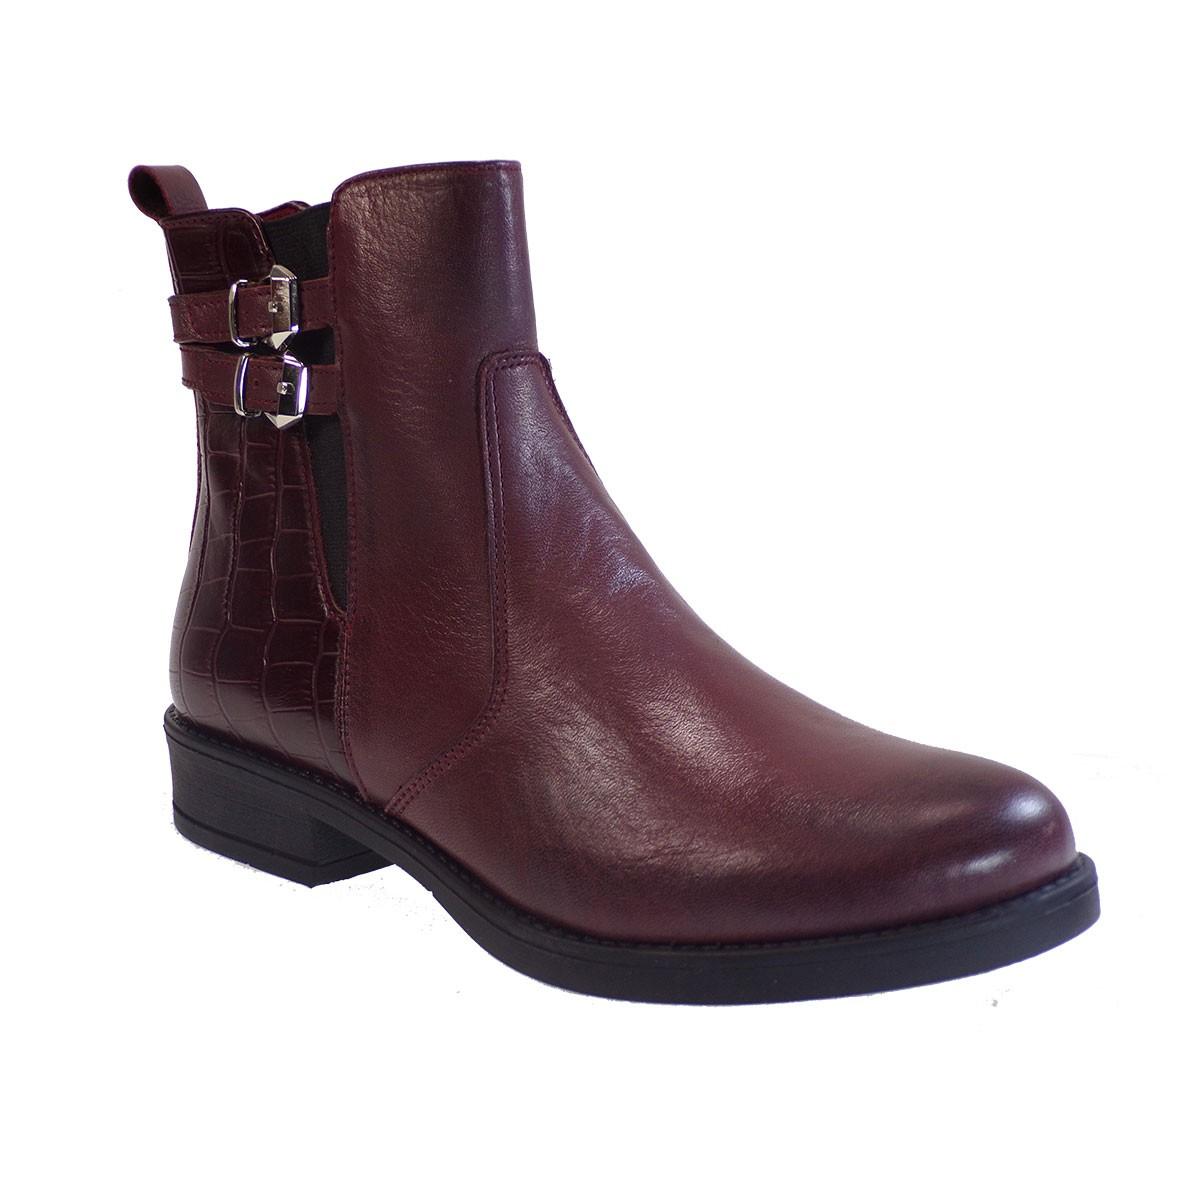 Fardoulis Shoes Γυναικεία Παπούτσια Αρβυλάκια 143 Μπορντώ Δέρμα